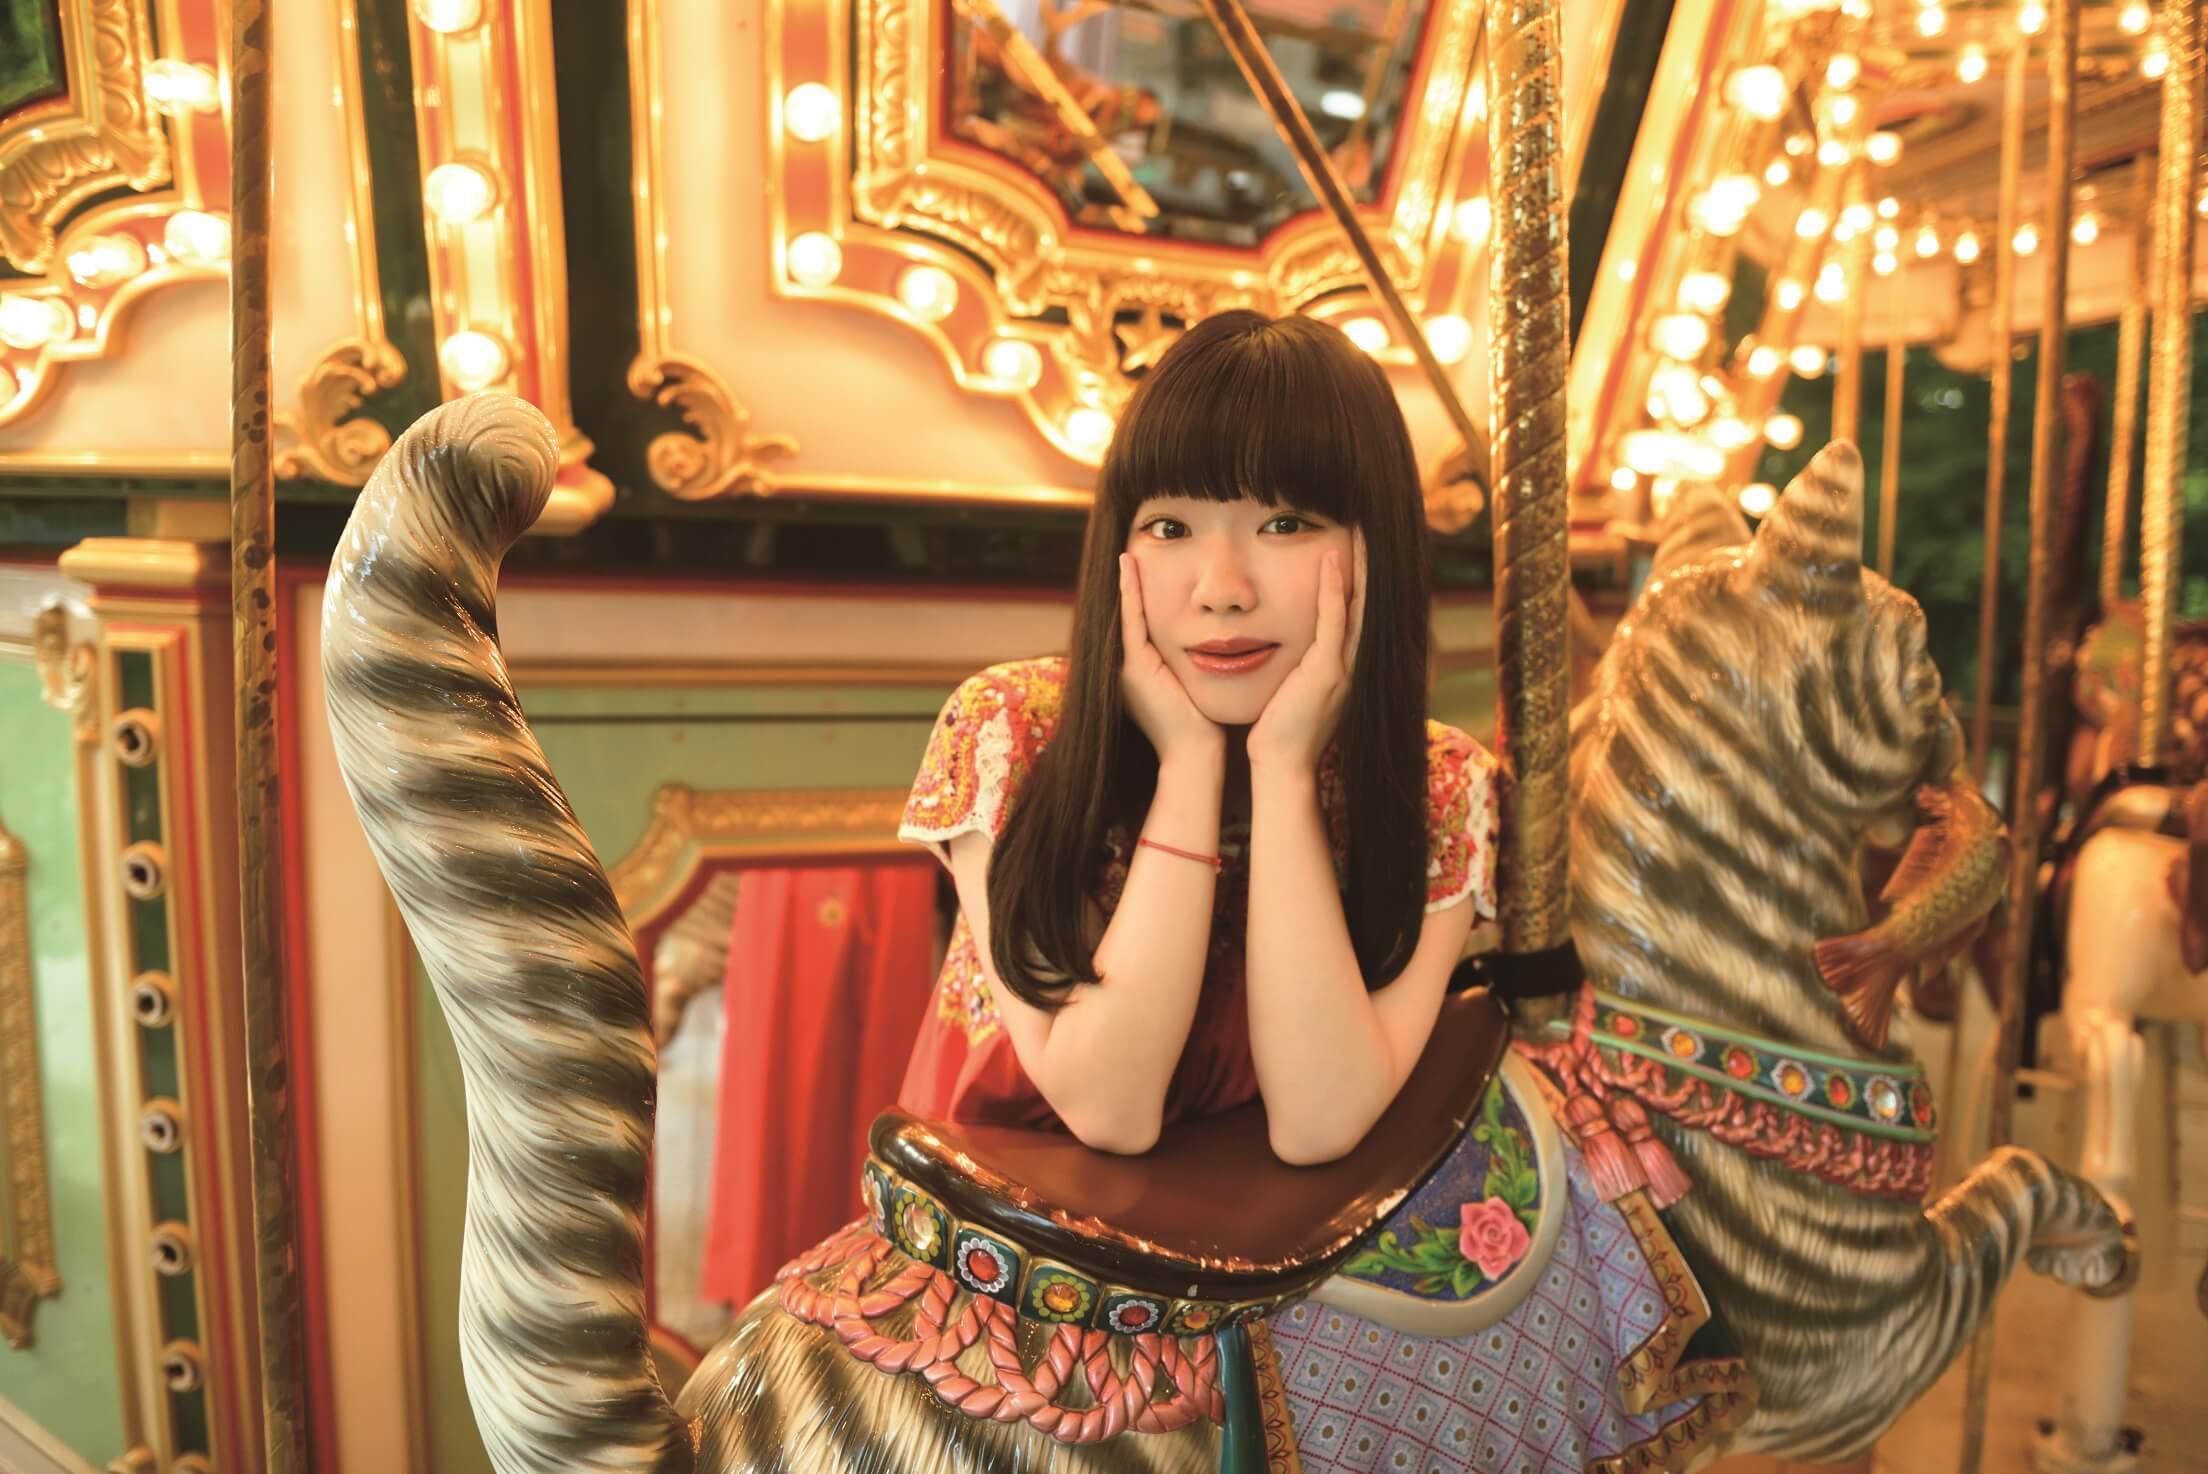 動畫「歡迎光臨京都~小企鵝千歲醬~」的片尾曲將由Nyanzonu Deshi演唱 Nyanzonu Deshi_、